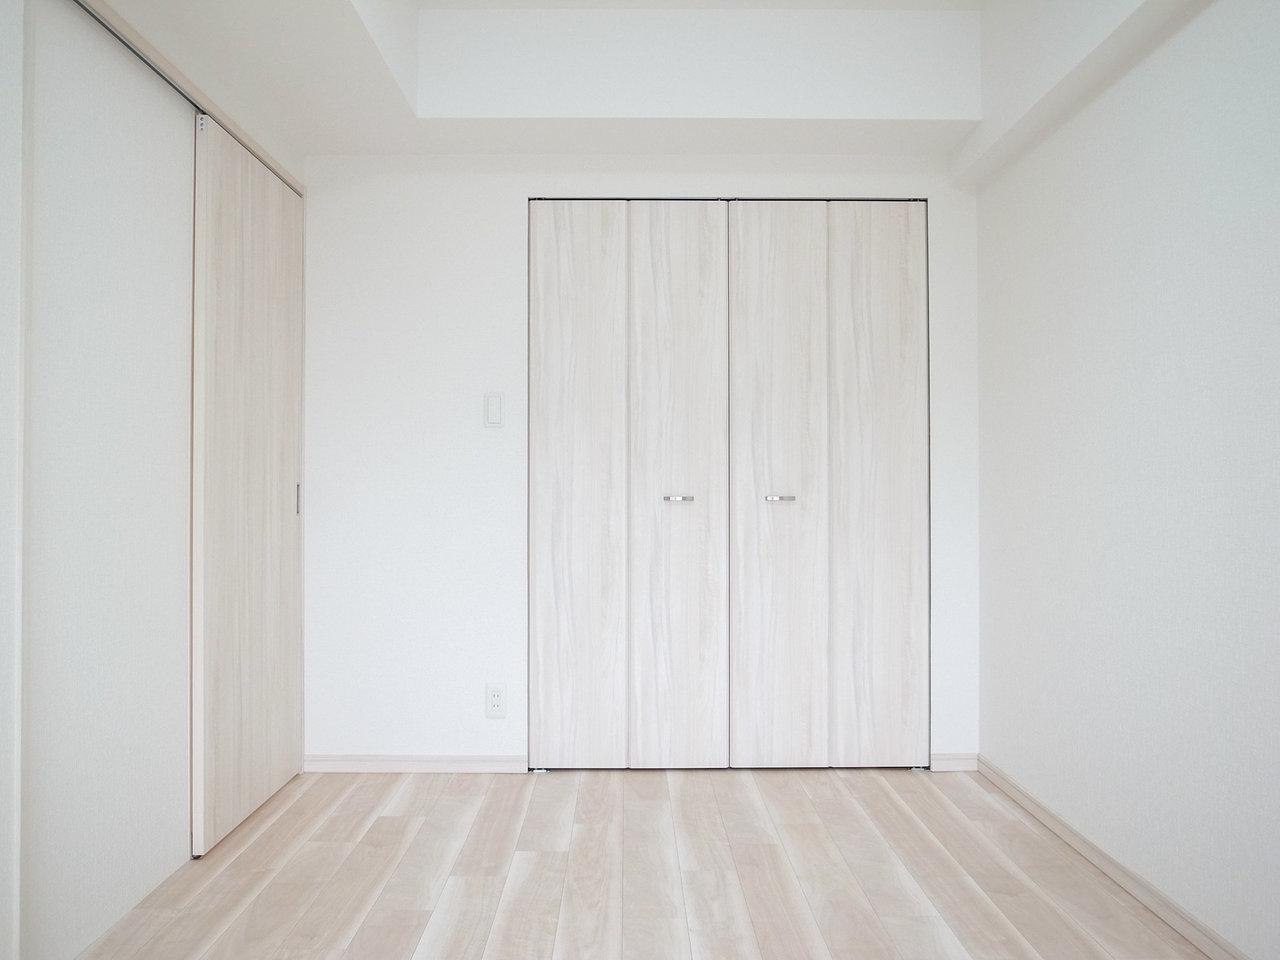 寝室も6.1畳あるので、ダブルベッドもゆうに置けそうです。クローゼットの扉と床面、壁面の色合いがぴったり合っていますね。落ち着きそう。